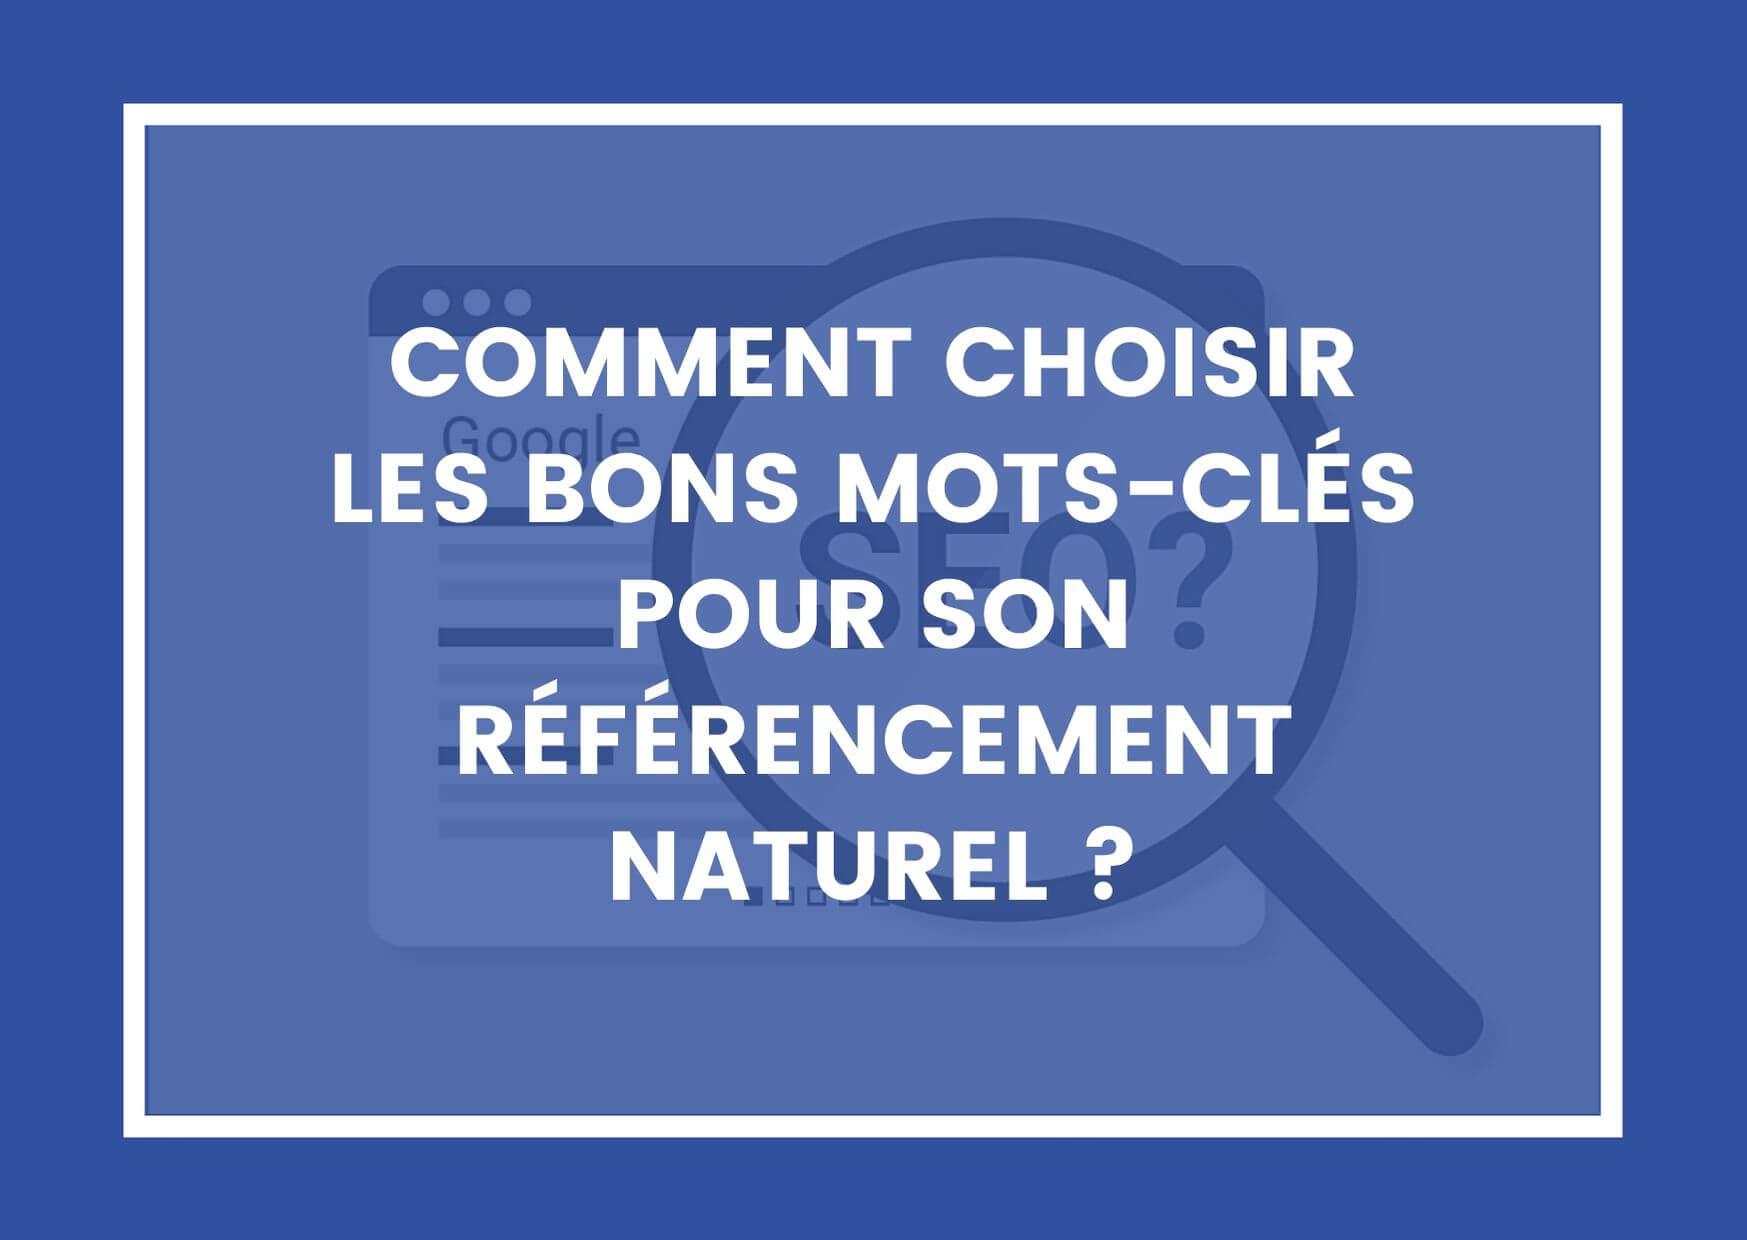 COMMENT CHOISIR LES BONS MOTS-CLÉS POUR SON RÉFÉRENCEMENT NATUREL ?